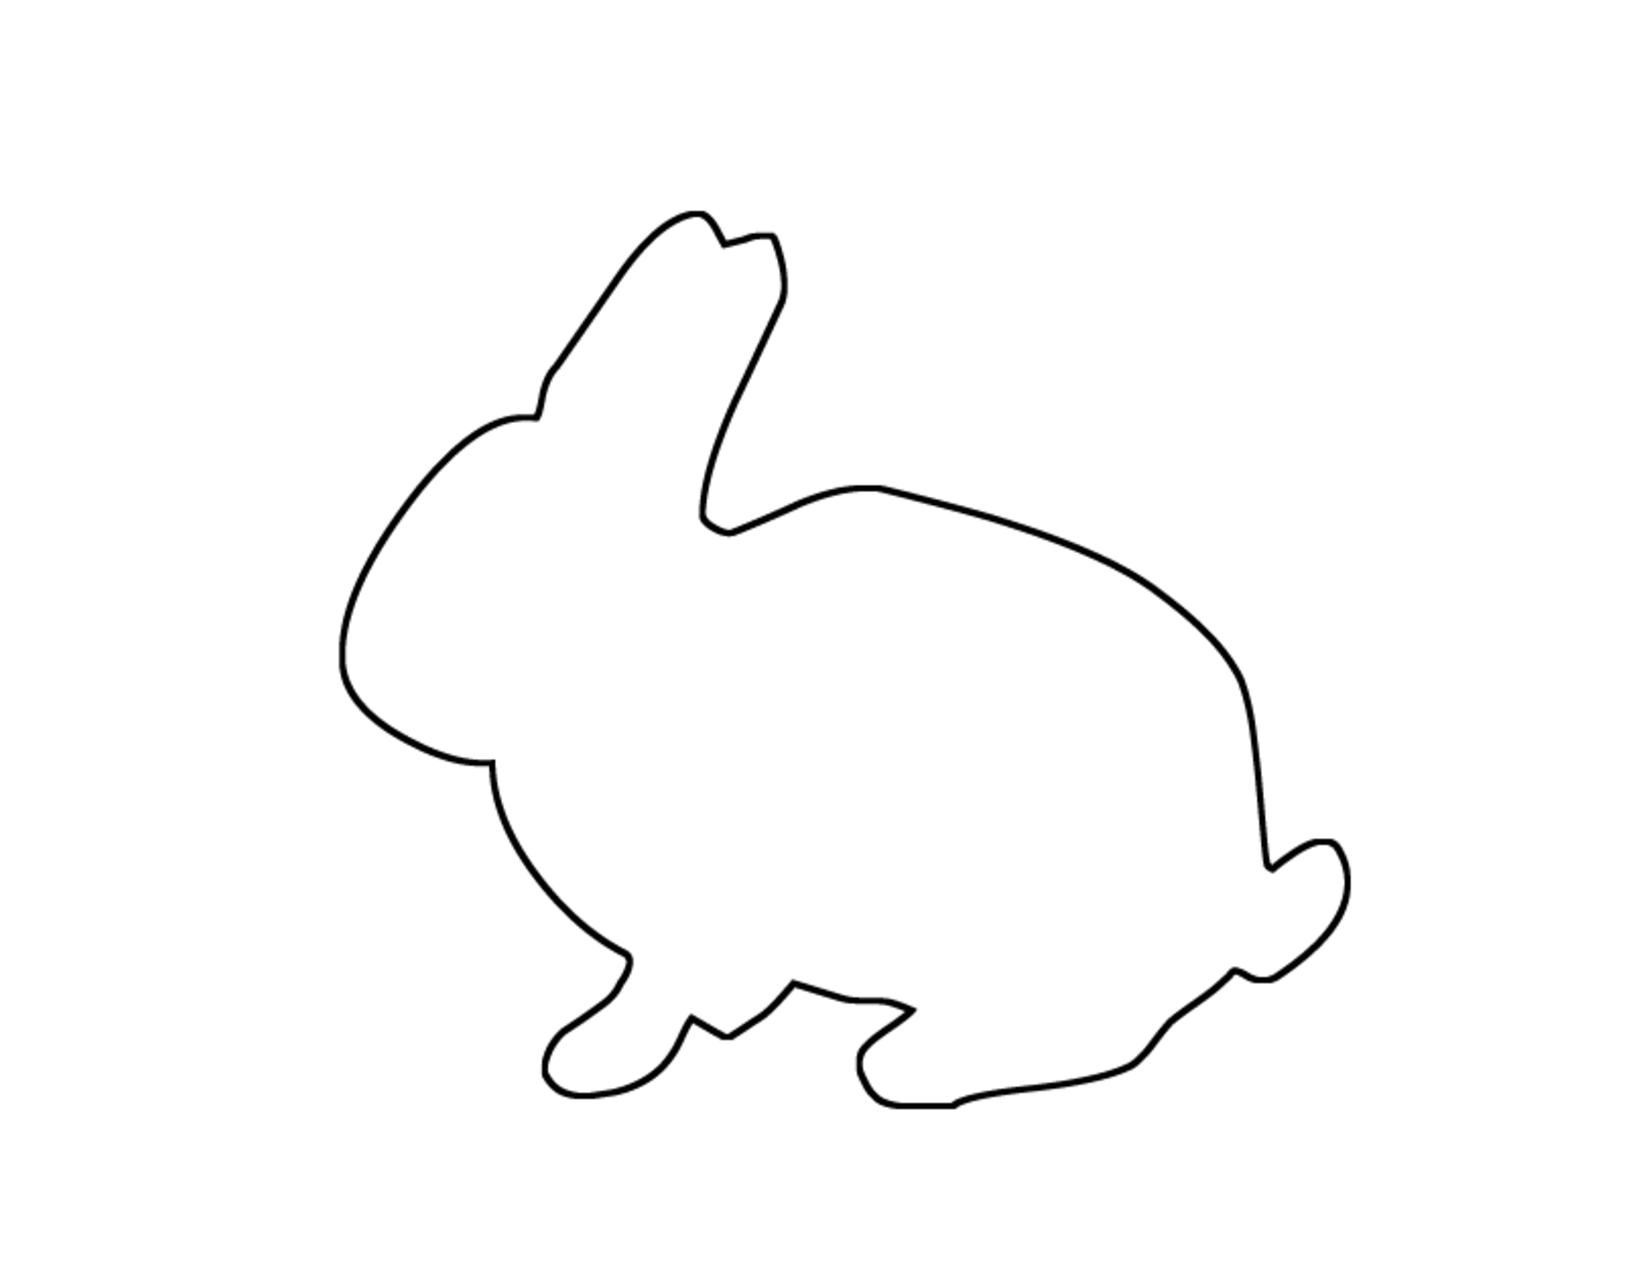 Bunny Outline Printable